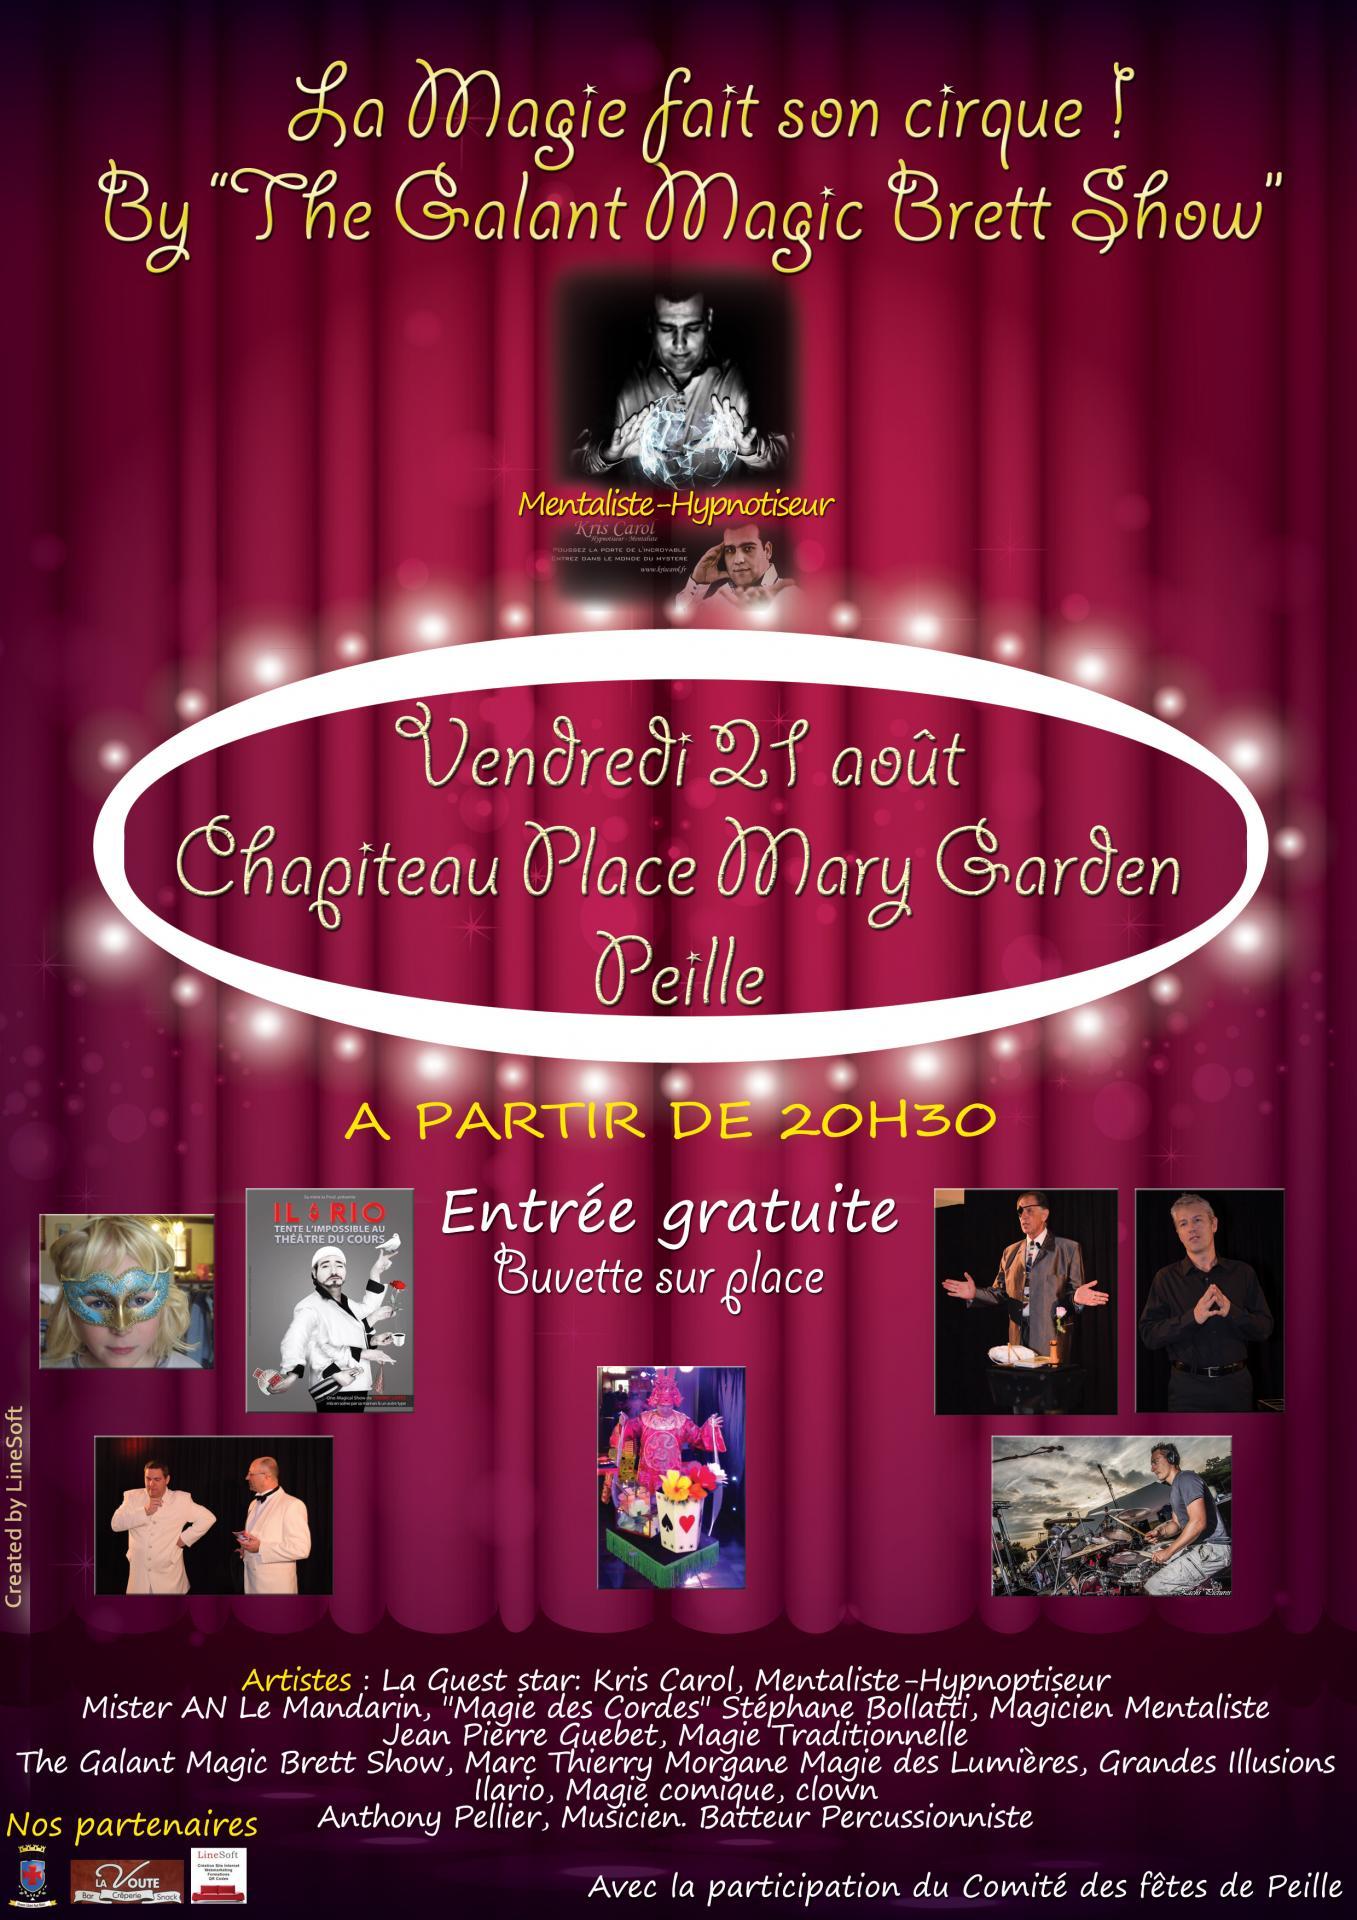 Affiche peille cirque 2015 imprimeur ii 1